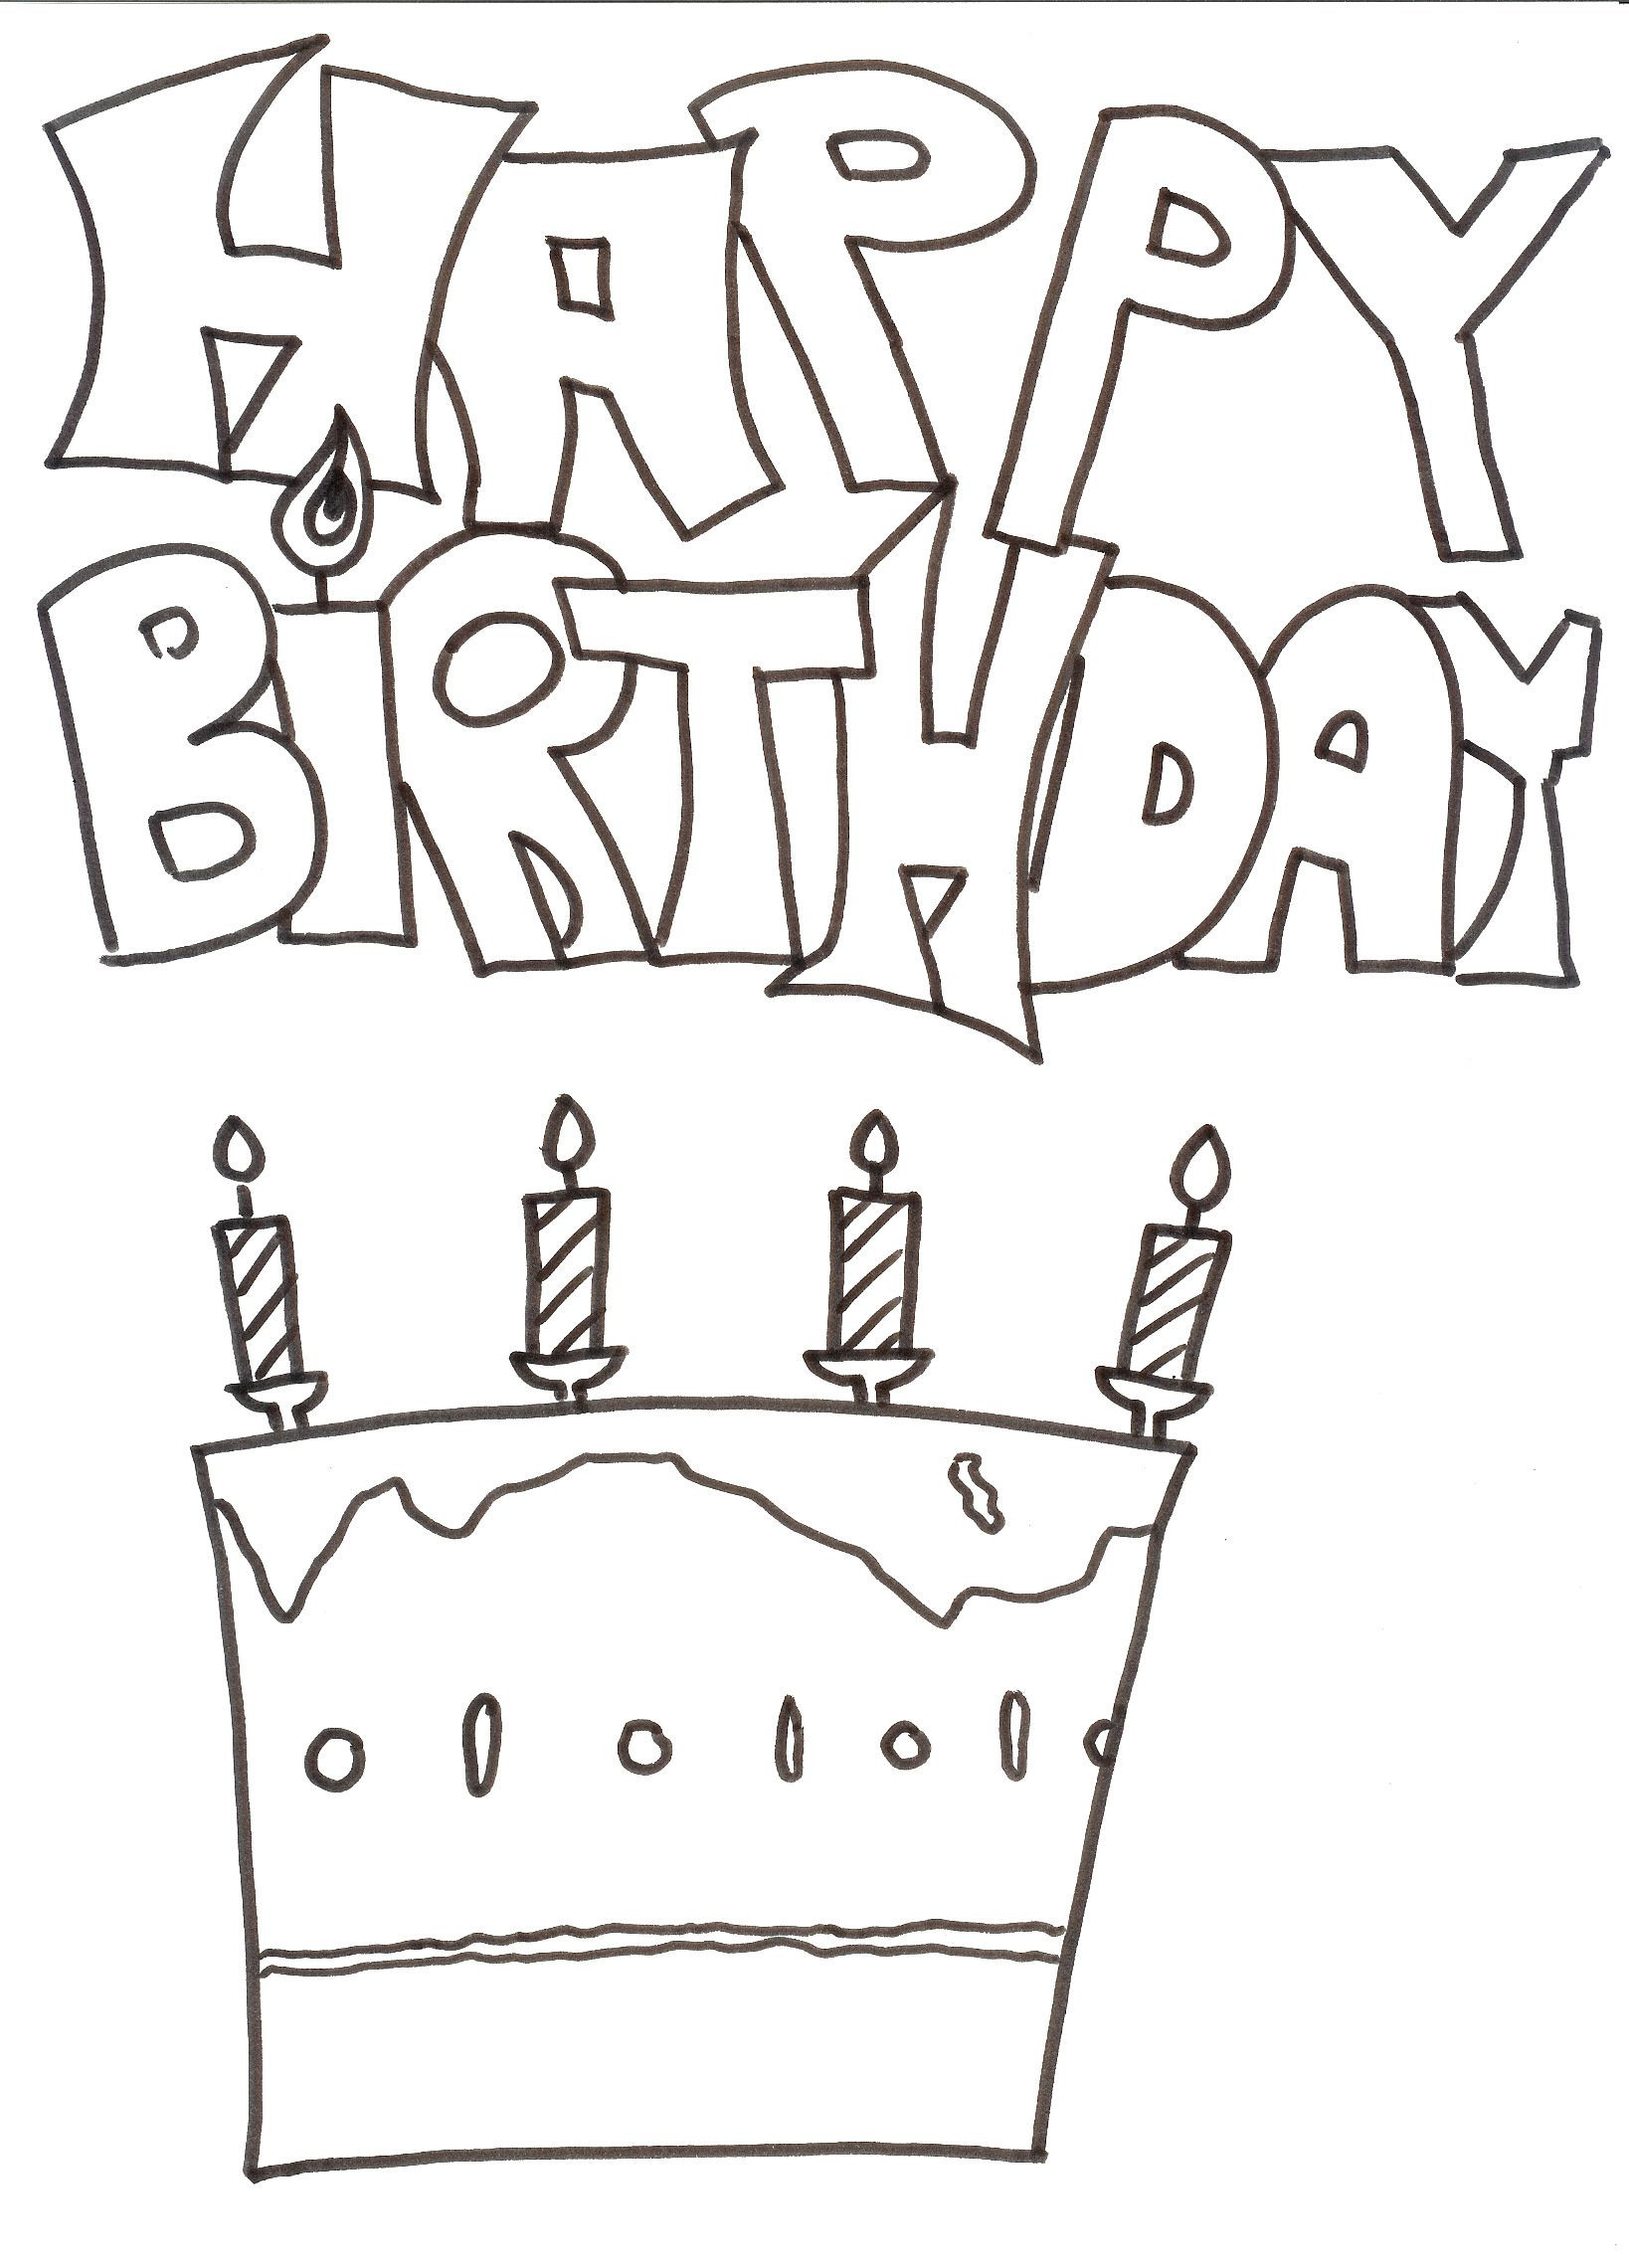 Malvorlagen Geburtstag Frisch Malvorlagen Geburtstag 47 3ldq Fotos